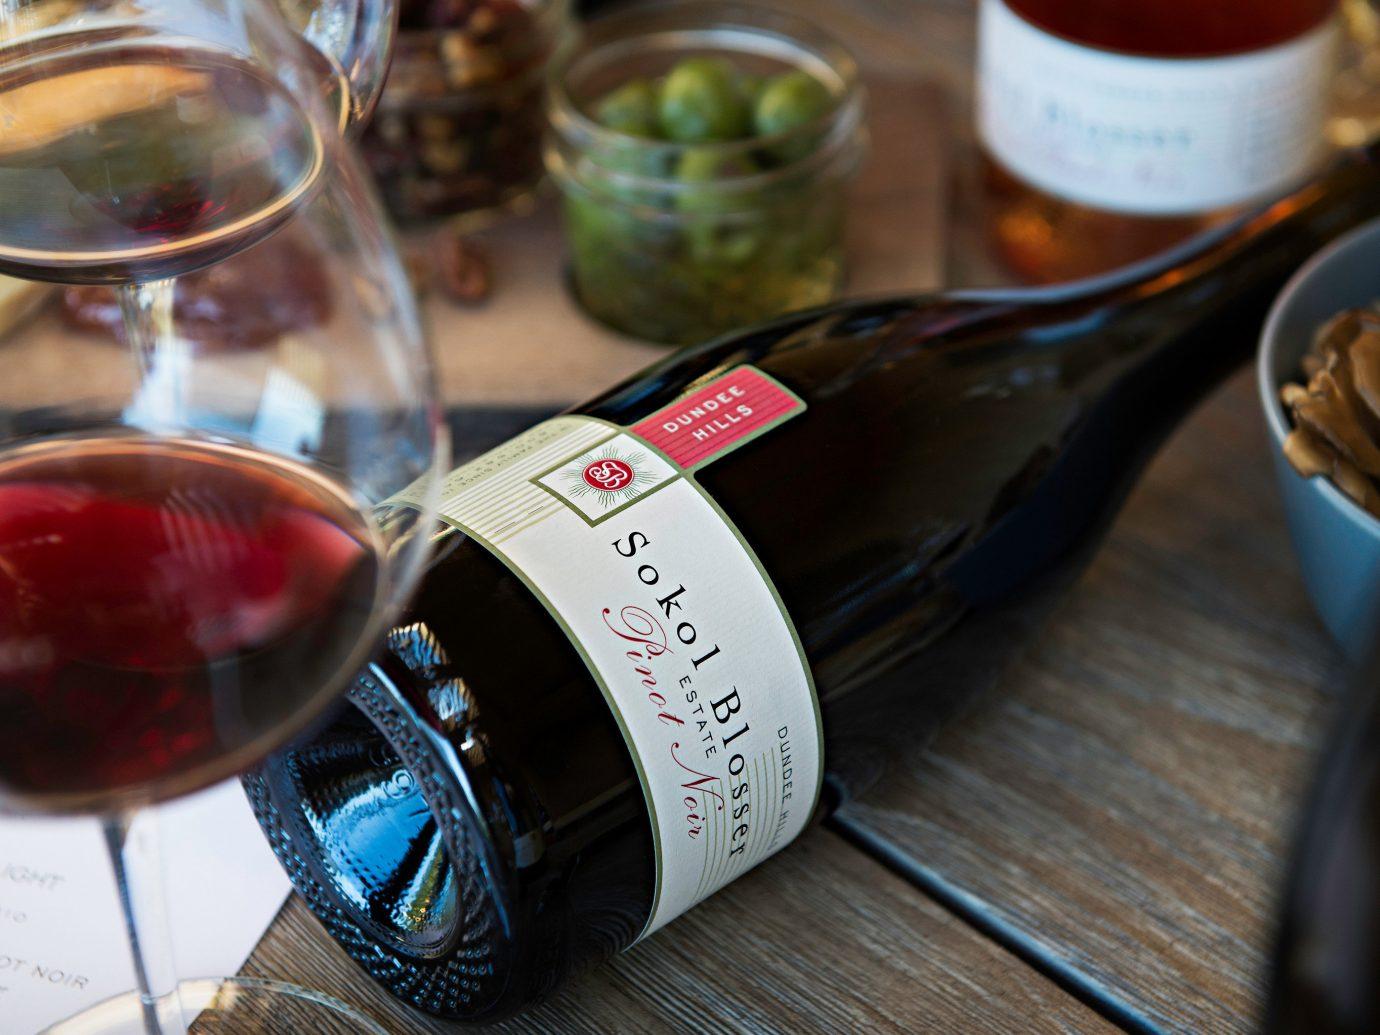 Jetsetter Guides Road Trips wine bottle indoor alcoholic beverage Drink food red wine sense beverage liqueur distilled beverage beer produce alcohol